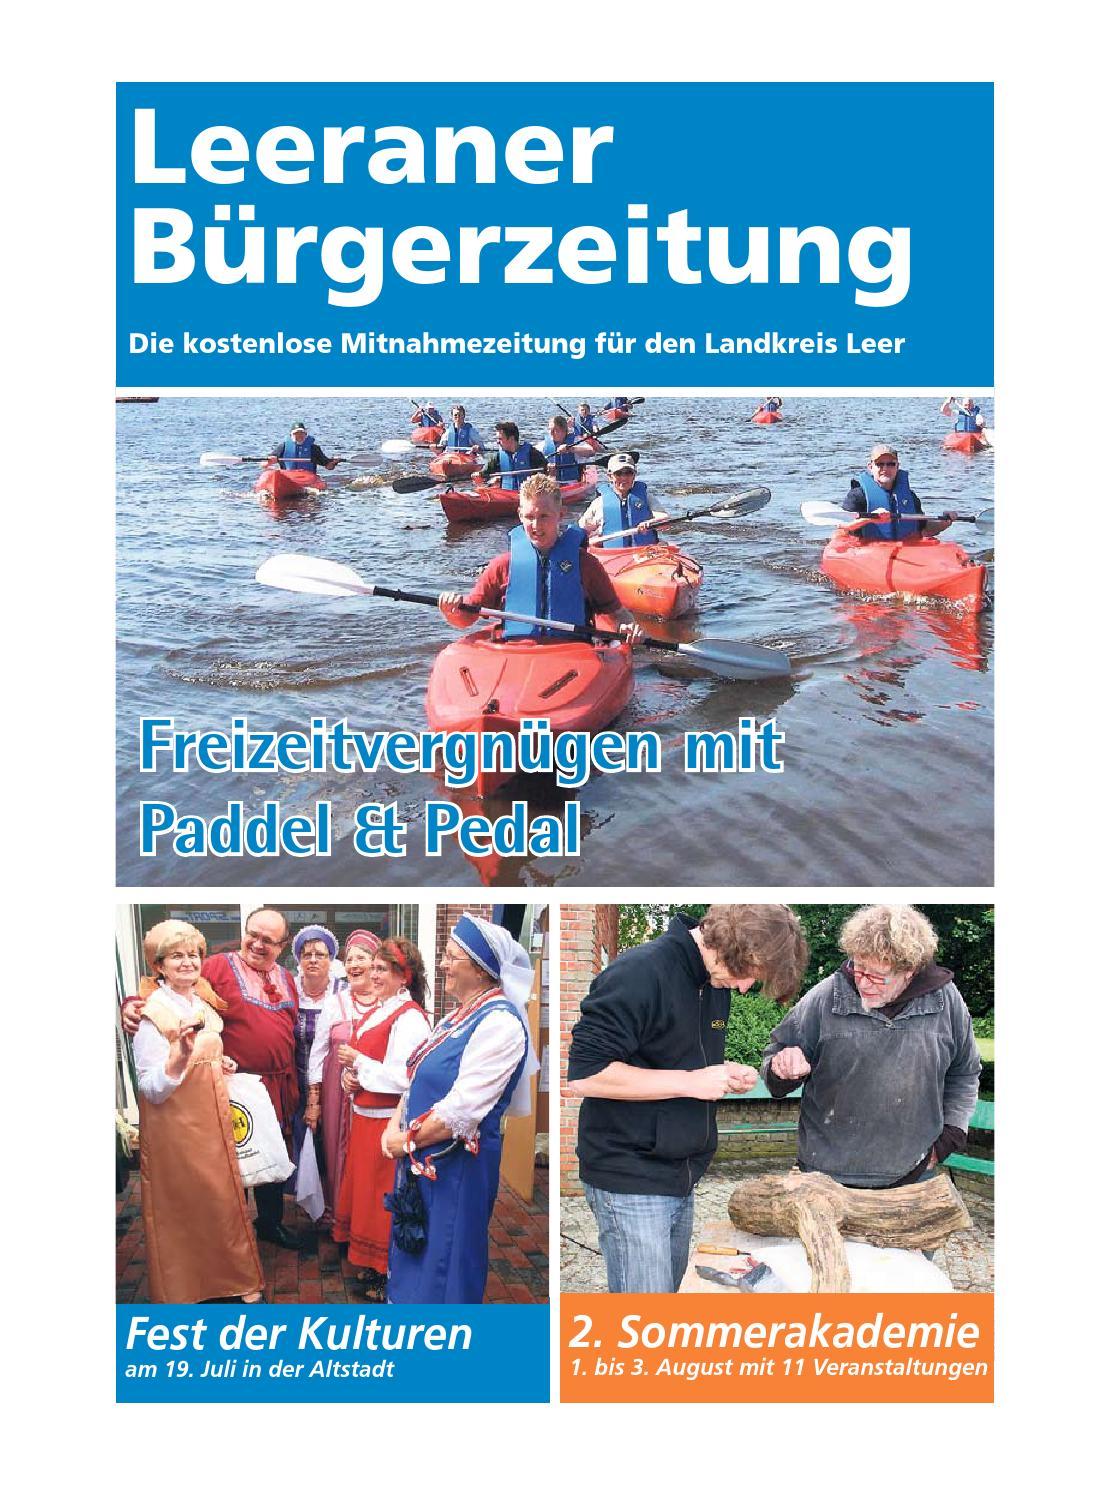 Gemütlich Frei Druckbar Wird Leer Fortgesetzt Zeitgenössisch ...